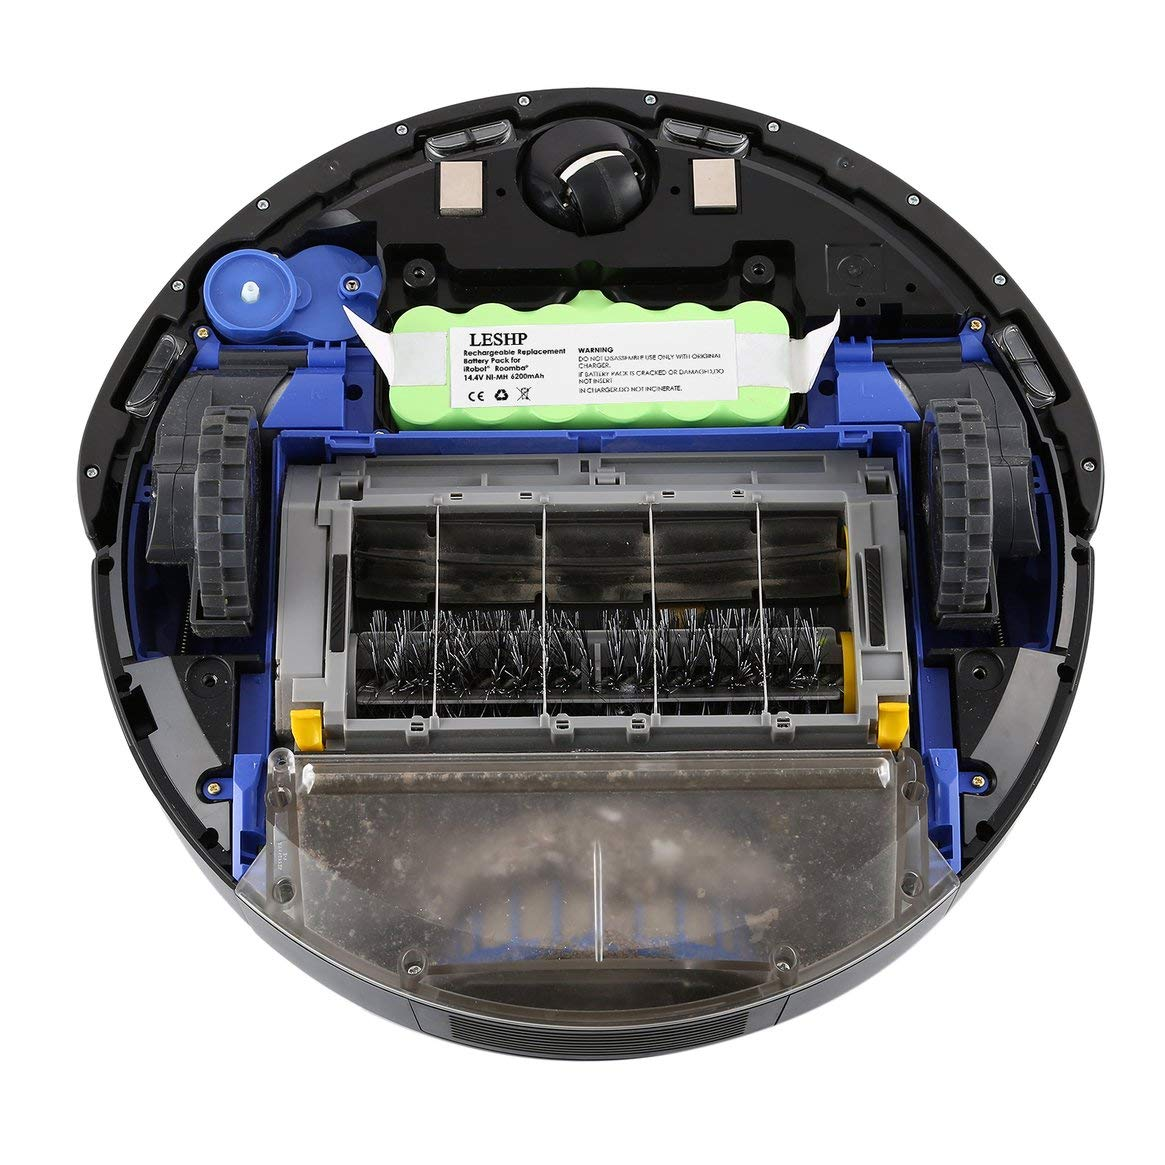 Batería NI-MH 14.4 V 6200 mAh para iRobot Roomba Aspirador Serie 500 600 700 800 - Verde: Amazon.es: Hogar